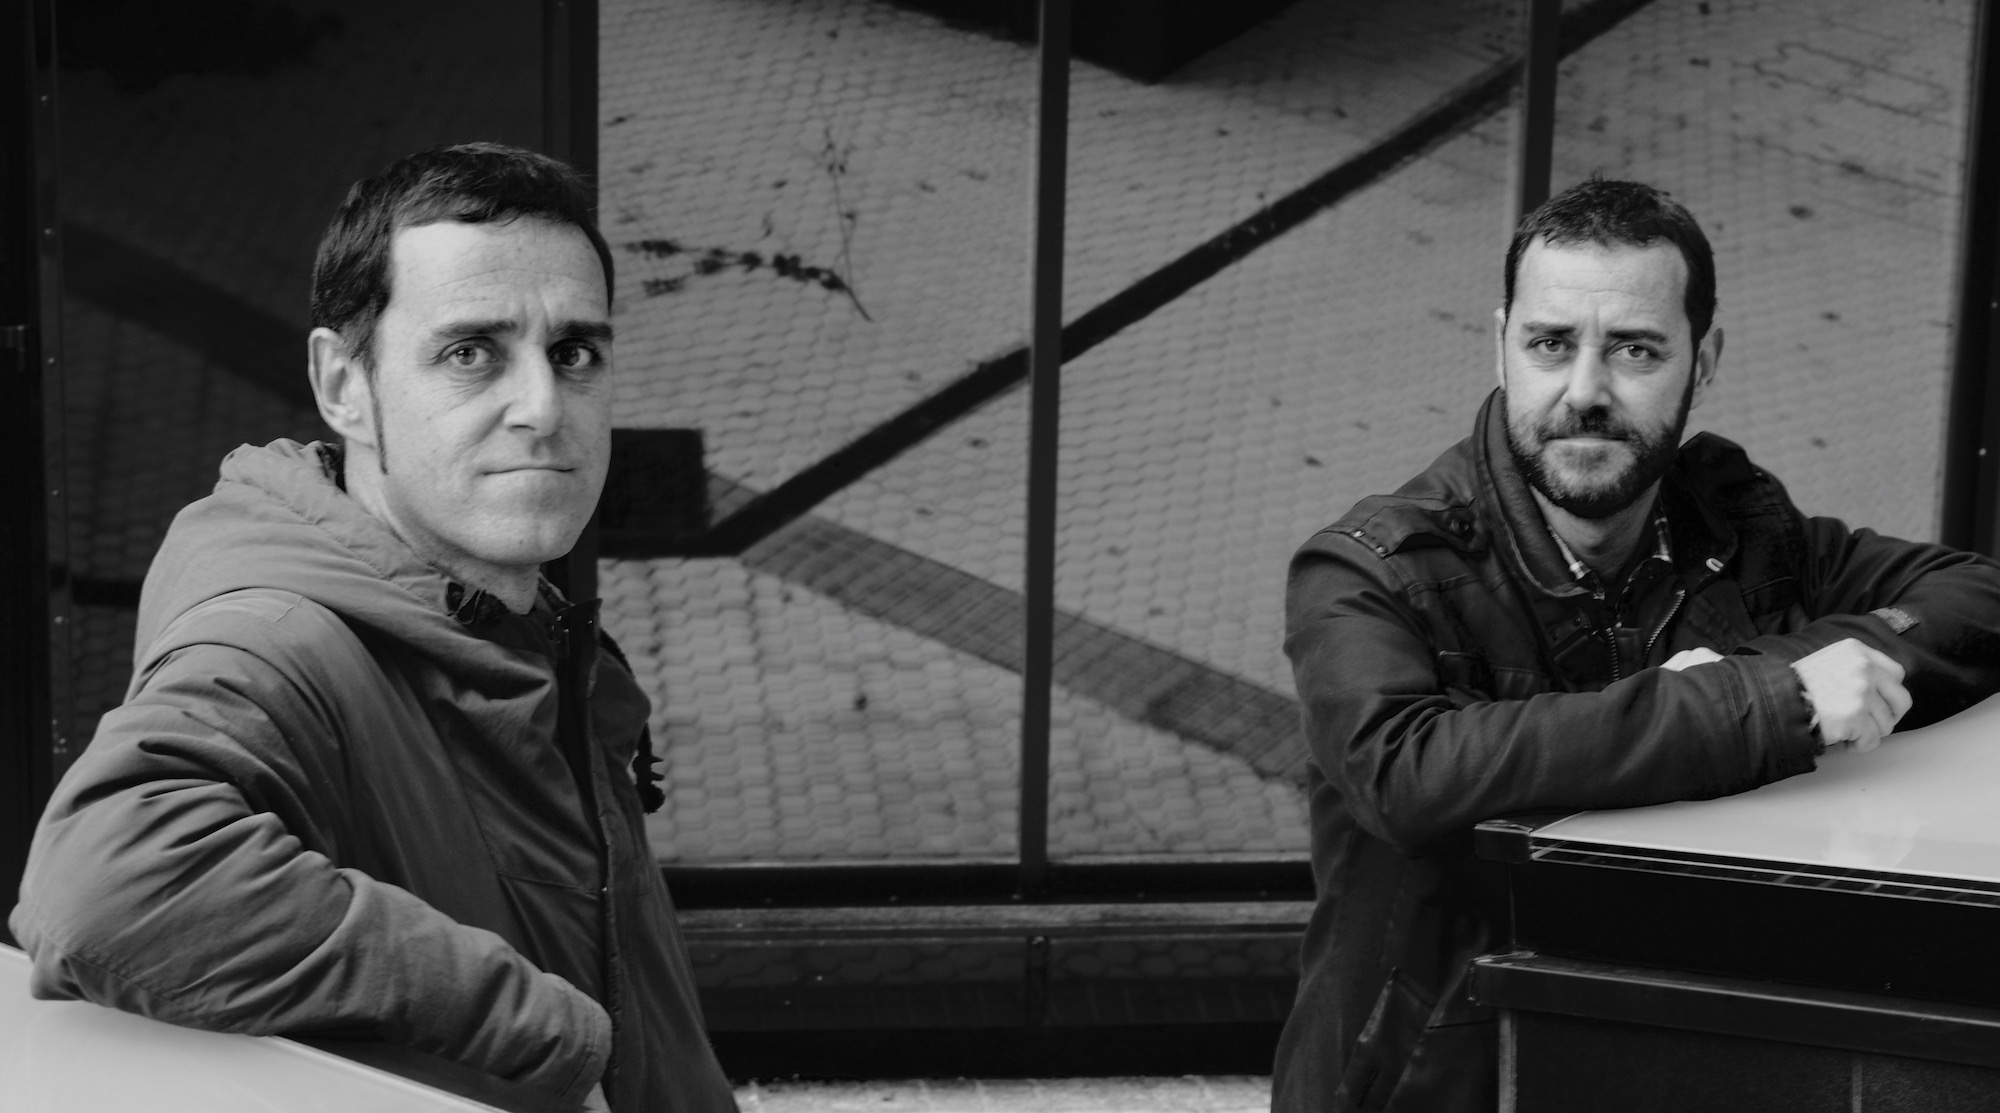 Etxeberriak | Meet the Authors: Martin & Xabier Etxeberria